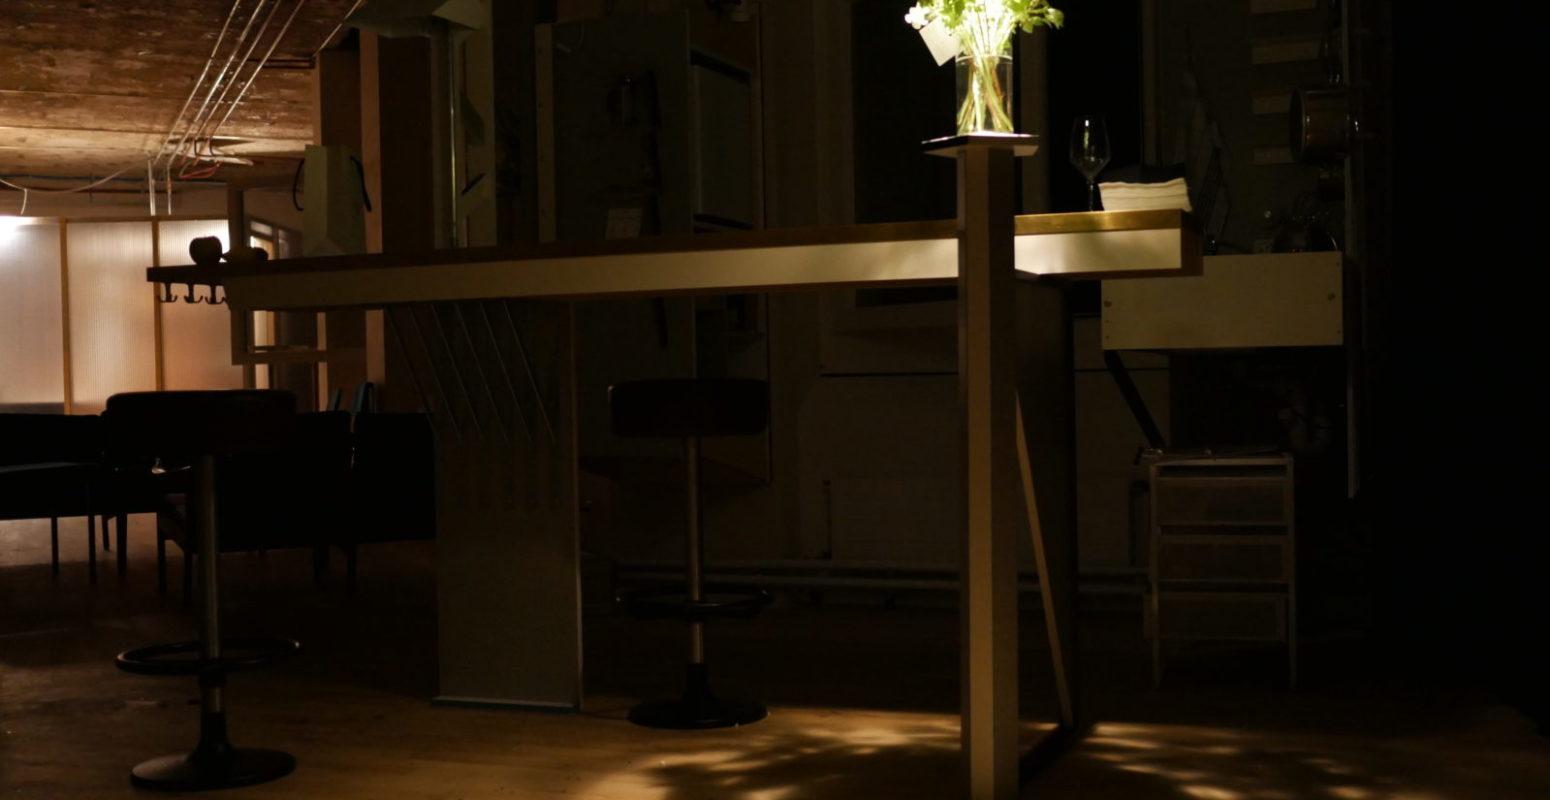 Full Size of Küche Mit Bar Kche Mitteresidence Betten Schubladen Laminat In Der Ohne Oberschränke Was Kostet Eine Oberschrank Schlafzimmer Set Matratze Und Lattenrost Wohnzimmer Küche Mit Bar